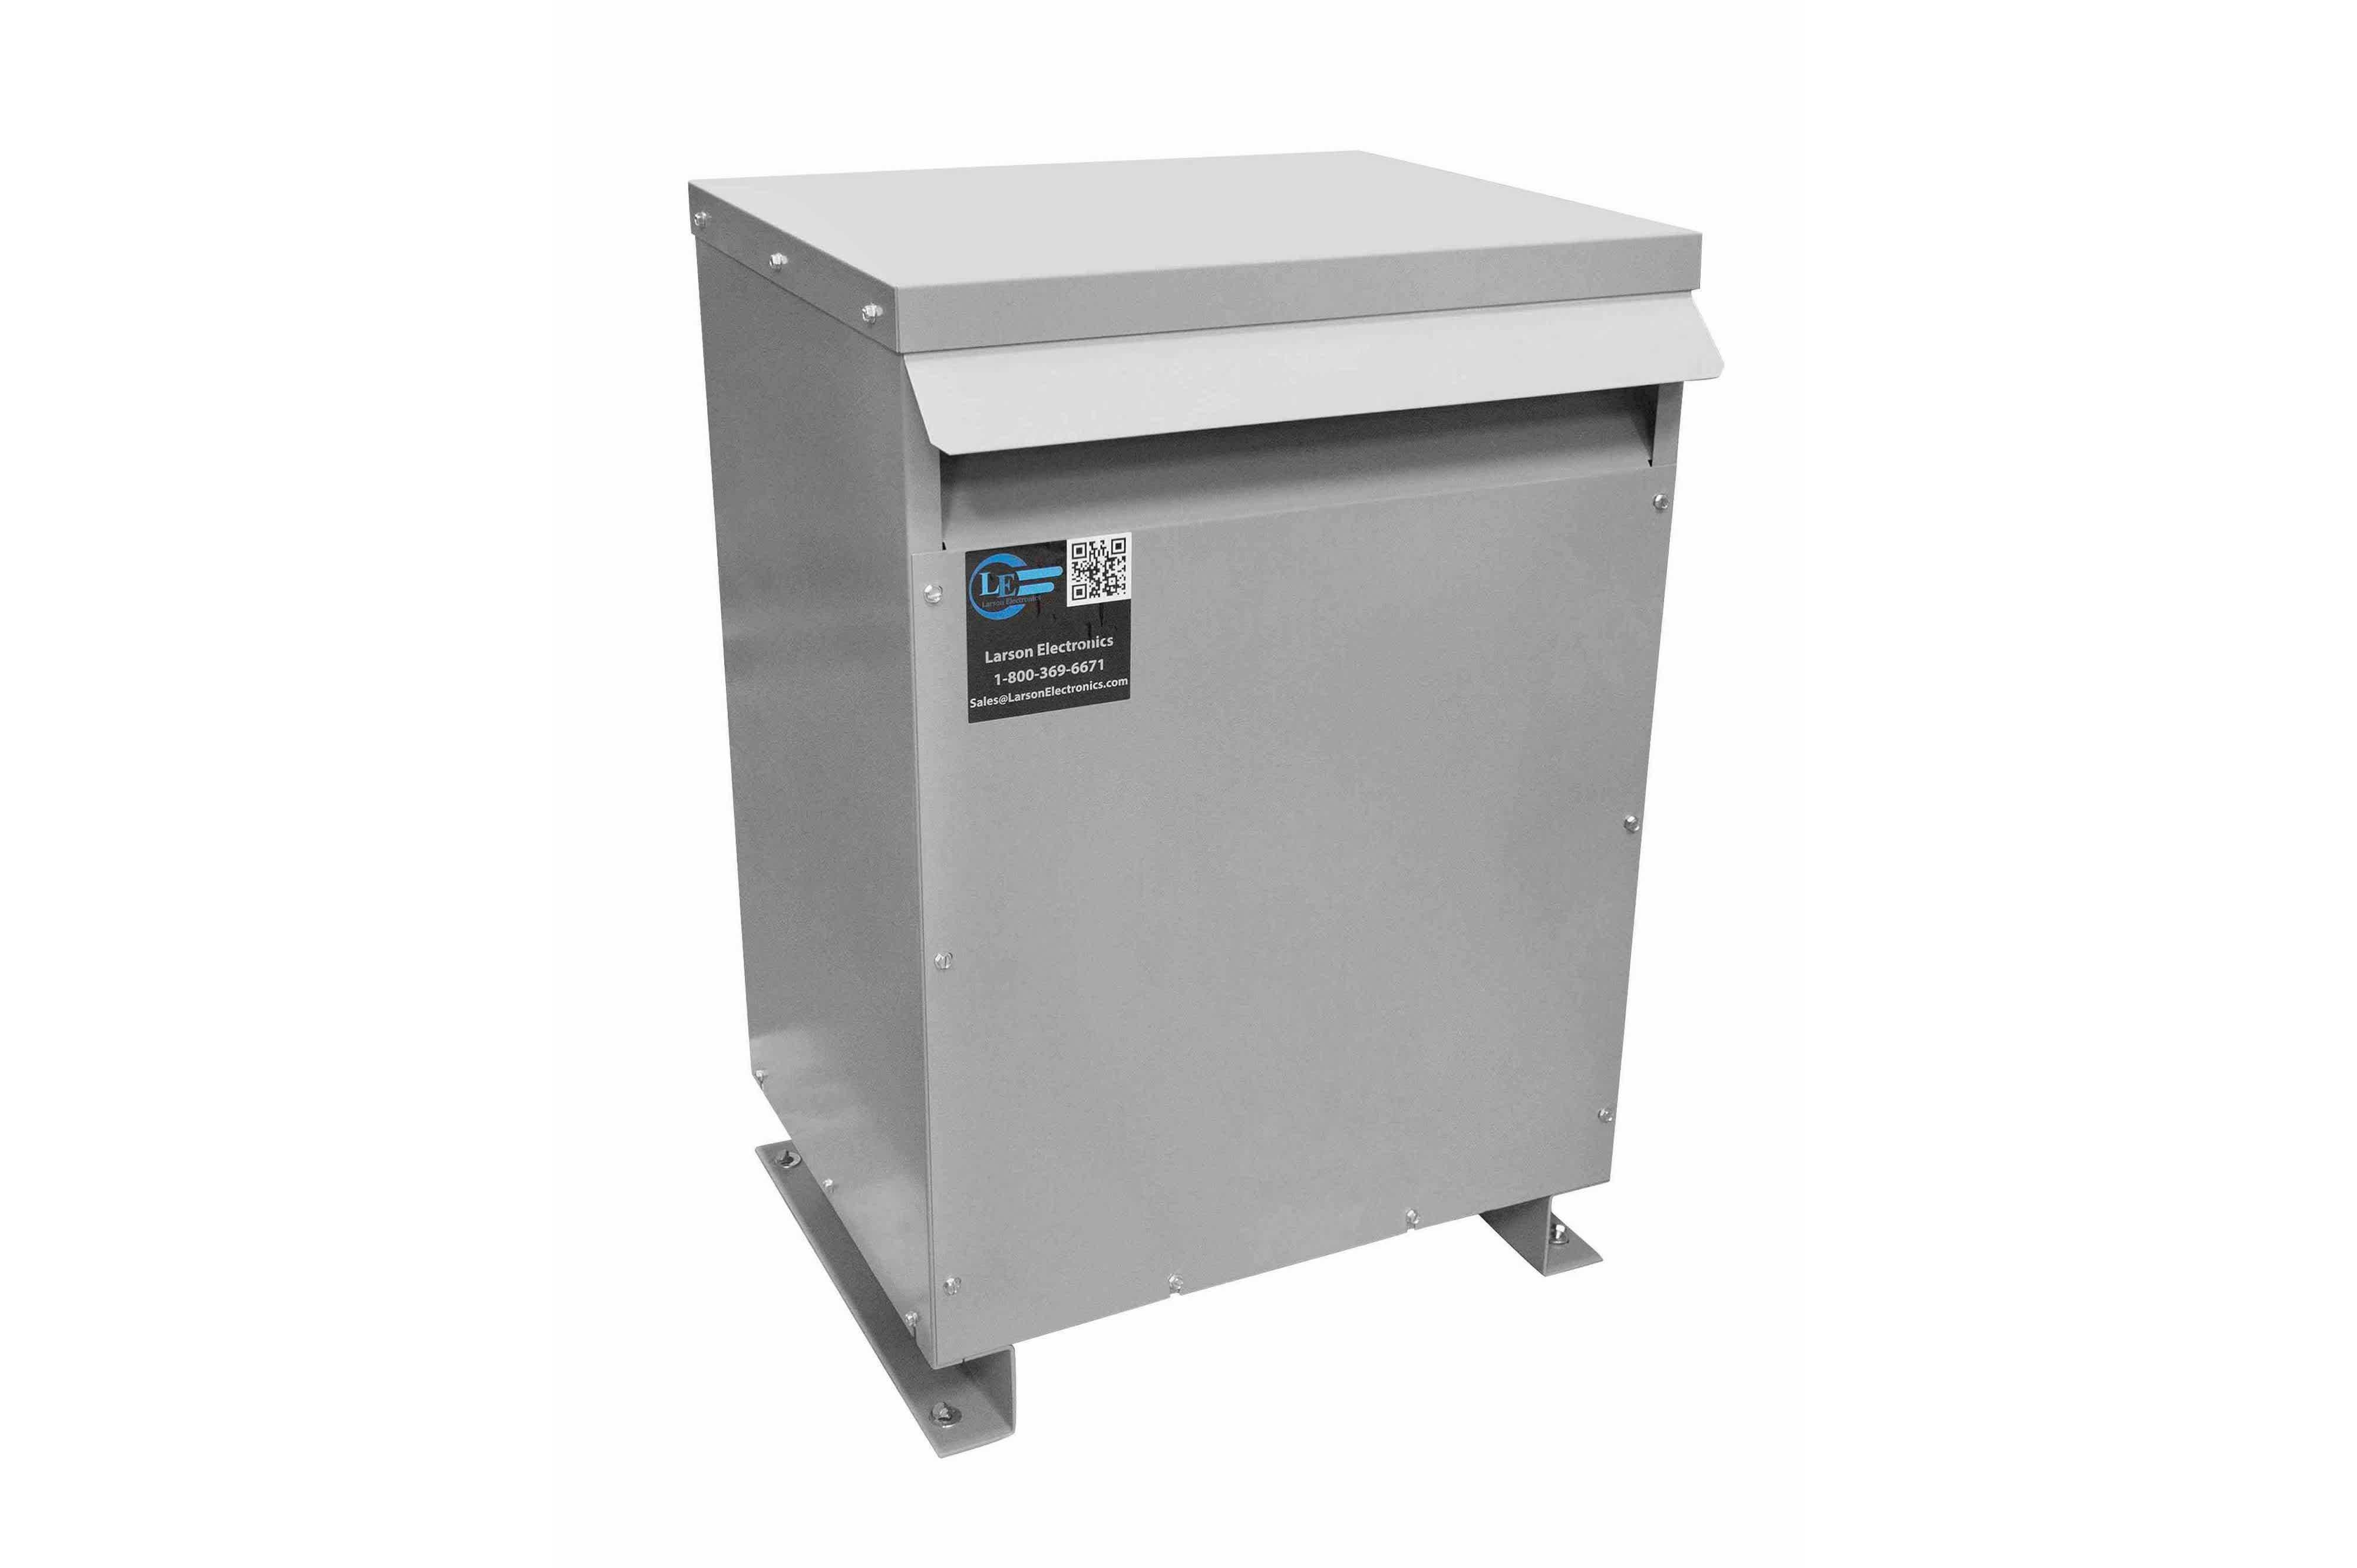 167 kVA 3PH DOE Transformer, 575V Delta Primary, 240V/120 Delta Secondary, N3R, Ventilated, 60 Hz